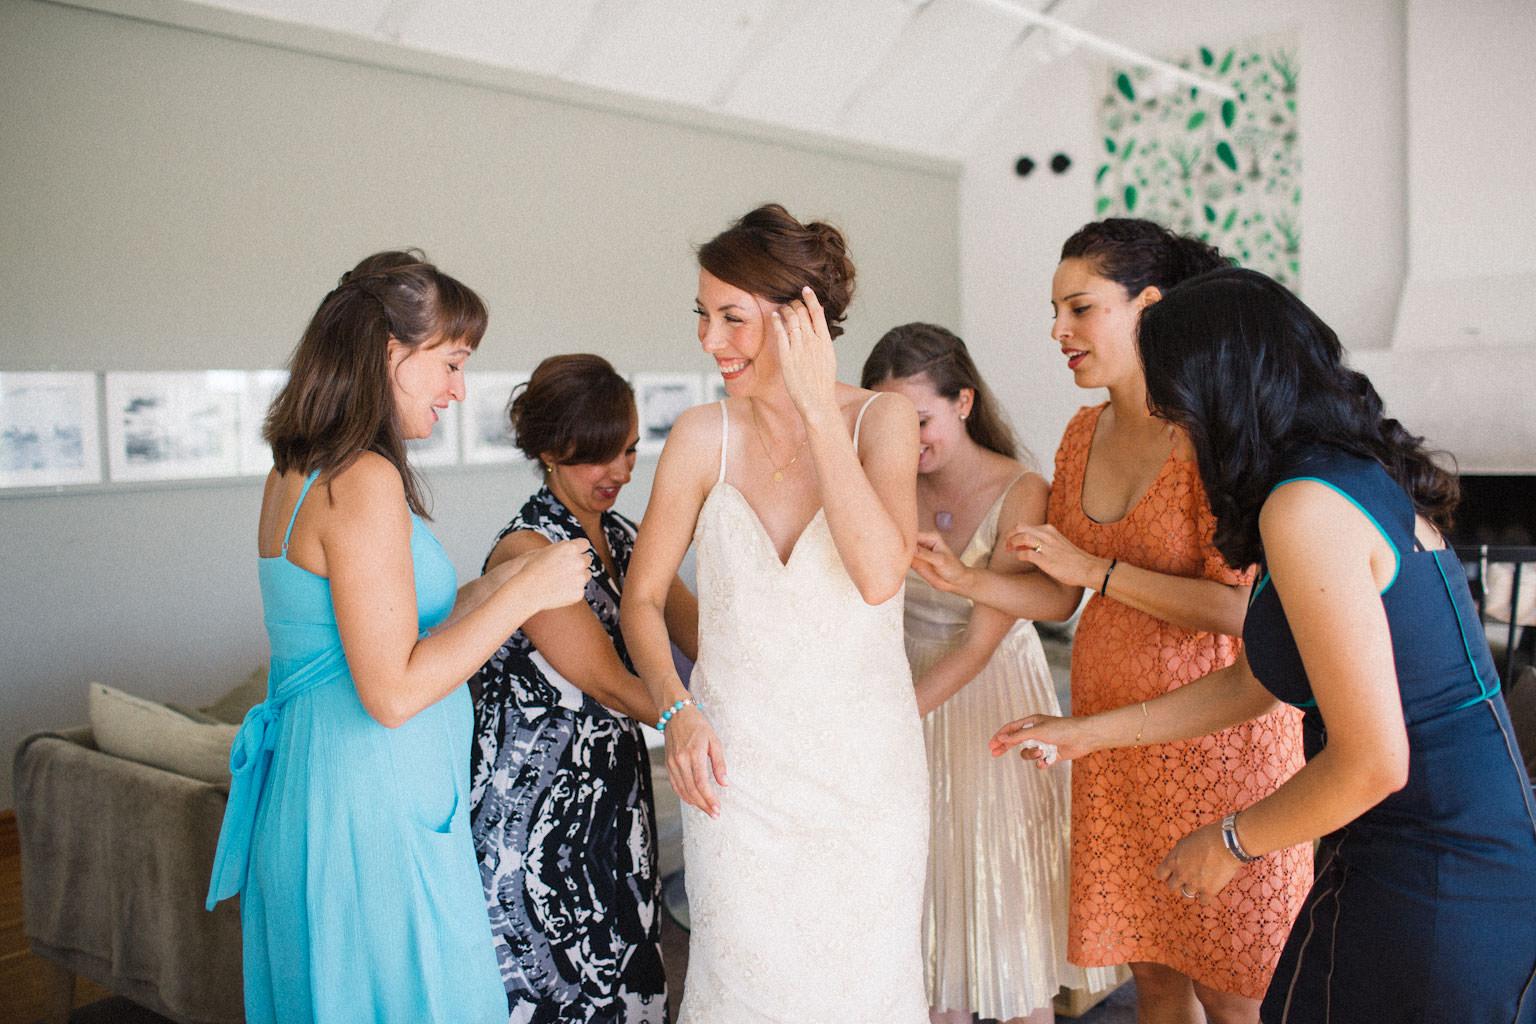 Förberedelser inför bröllop, brud tillsammans med brudtärnor.